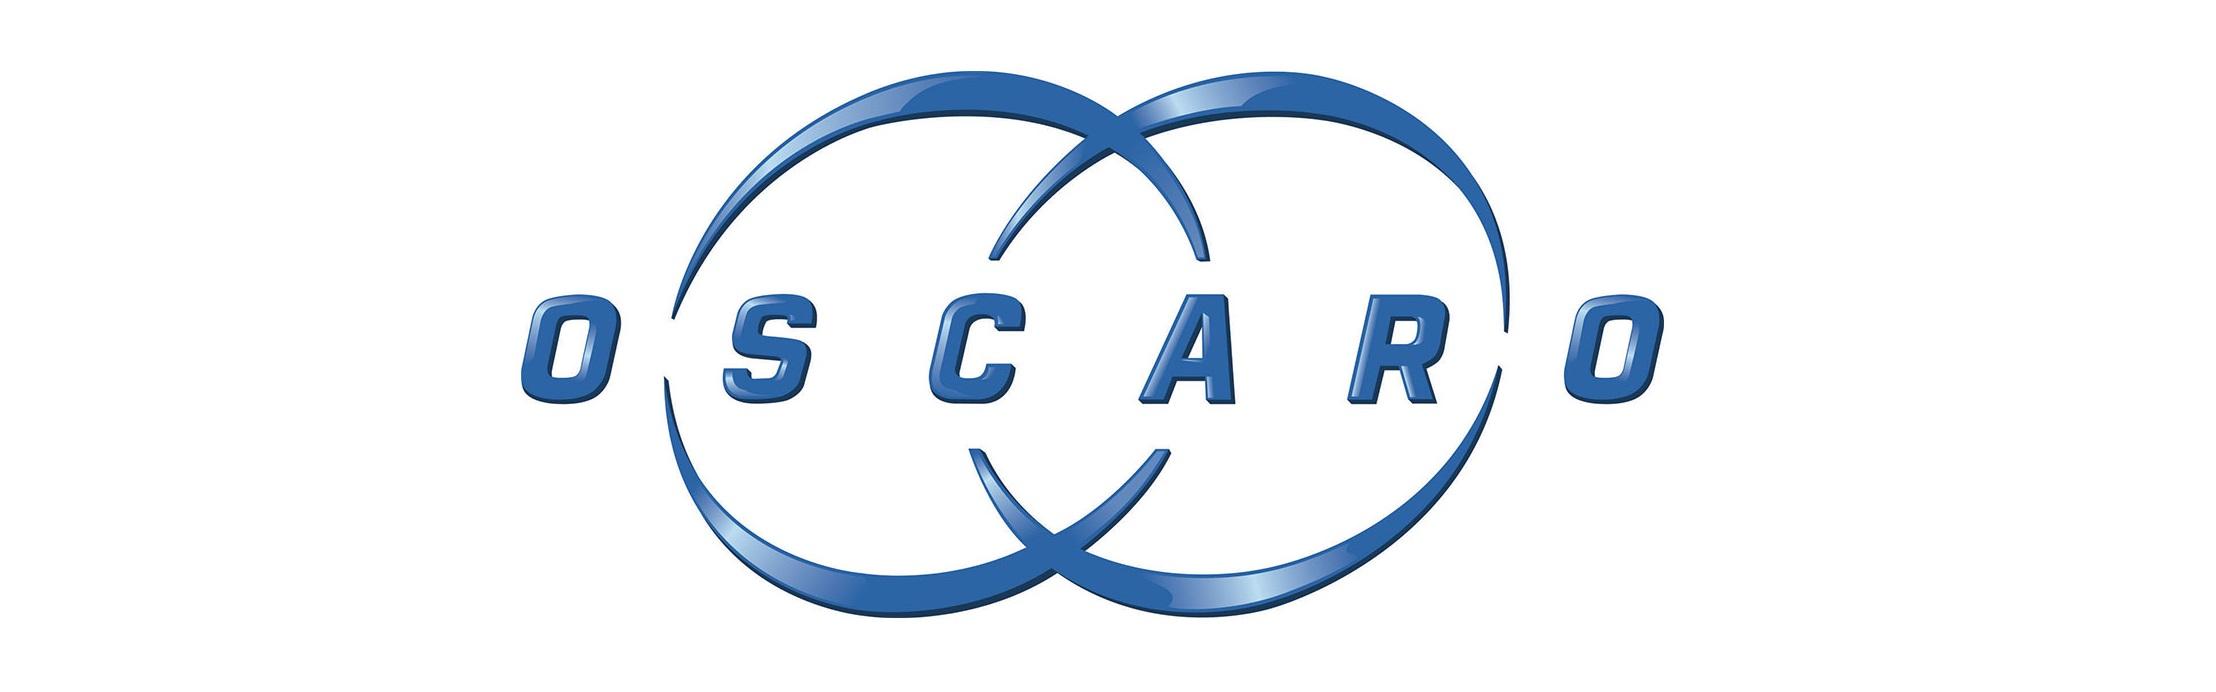 Oscaro fait partie des meilleurs sites pour acheter ses pneus pas cher